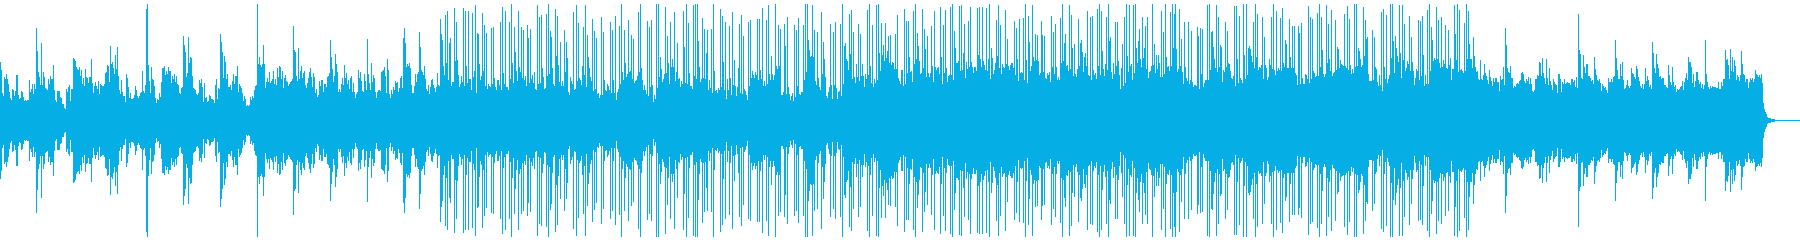 浮遊感のあるアンビエントエレクトロニカの再生済みの波形